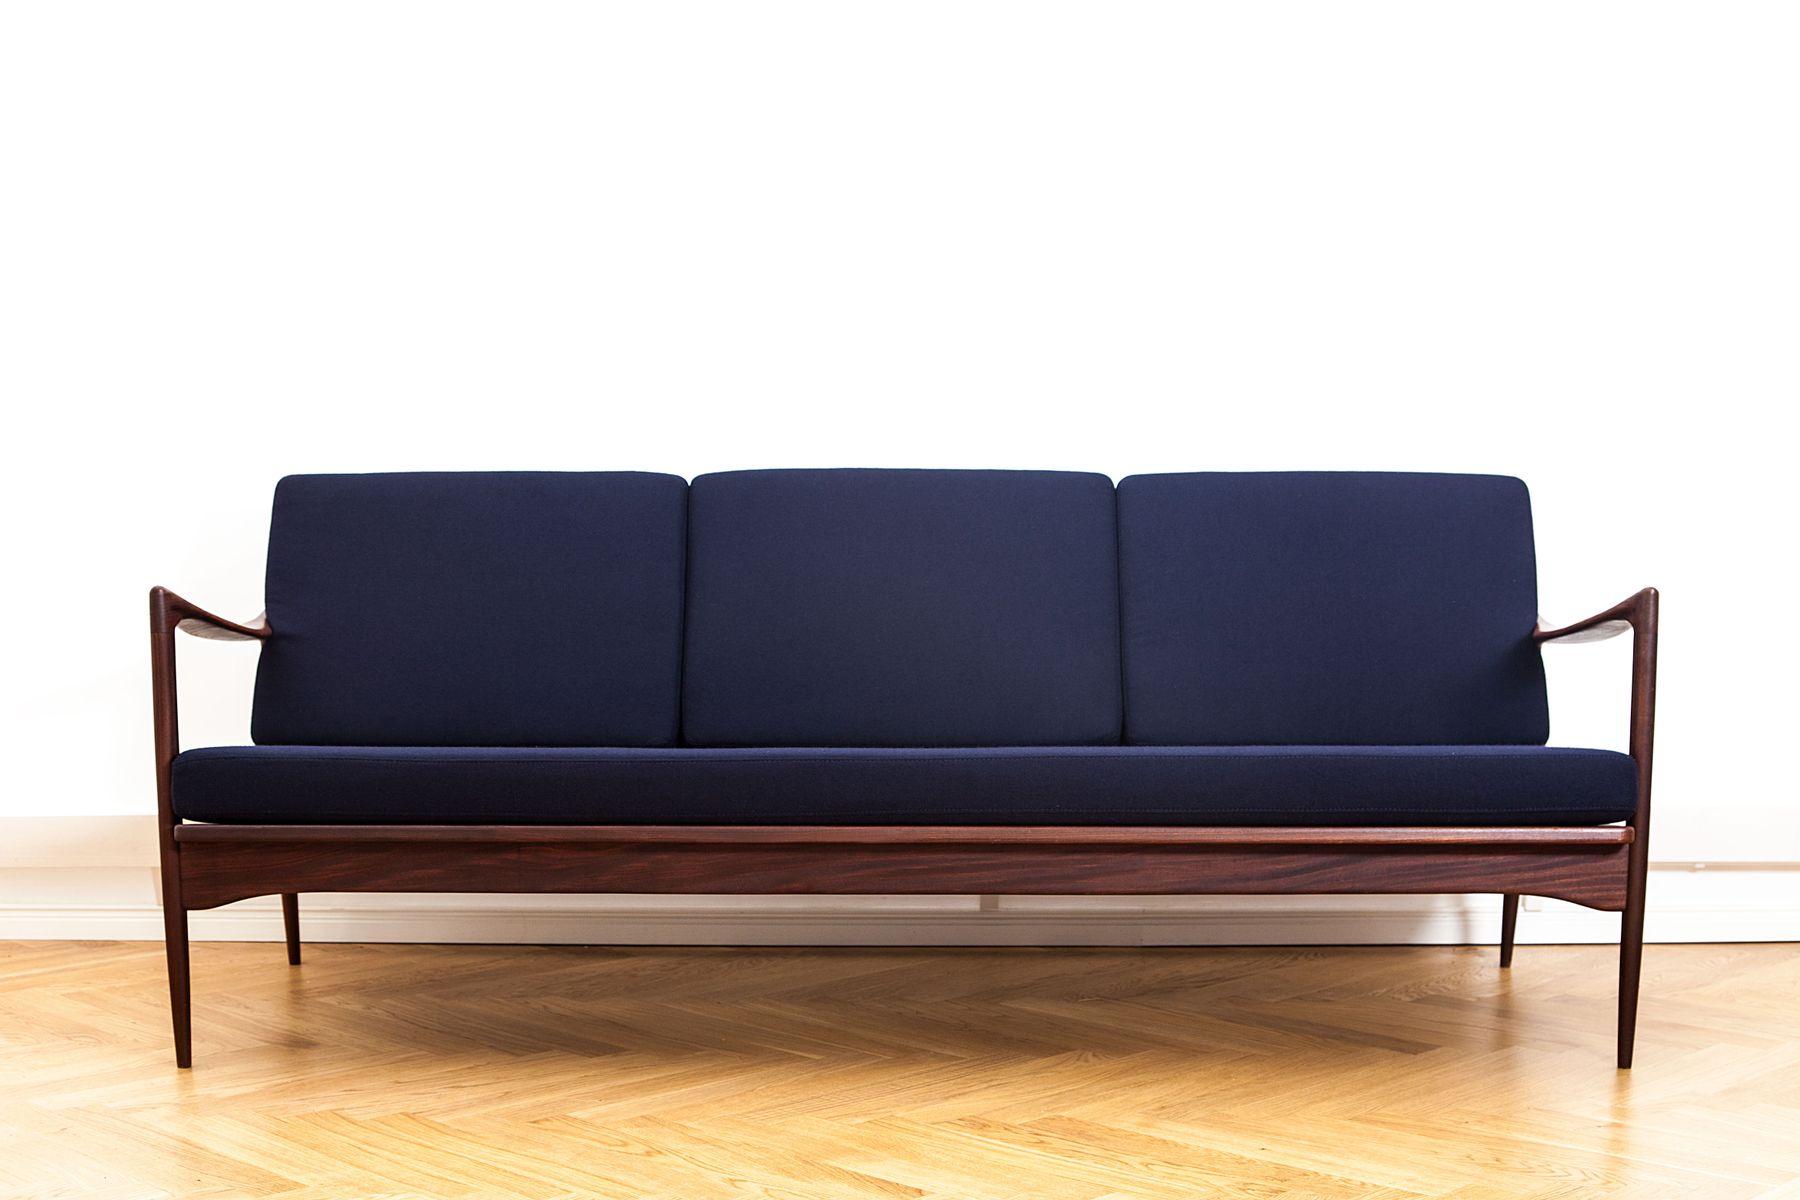 kandidaten sofa aus afromosia wolle von ib kofod larsen f r ope 1950er bei pamono kaufen. Black Bedroom Furniture Sets. Home Design Ideas